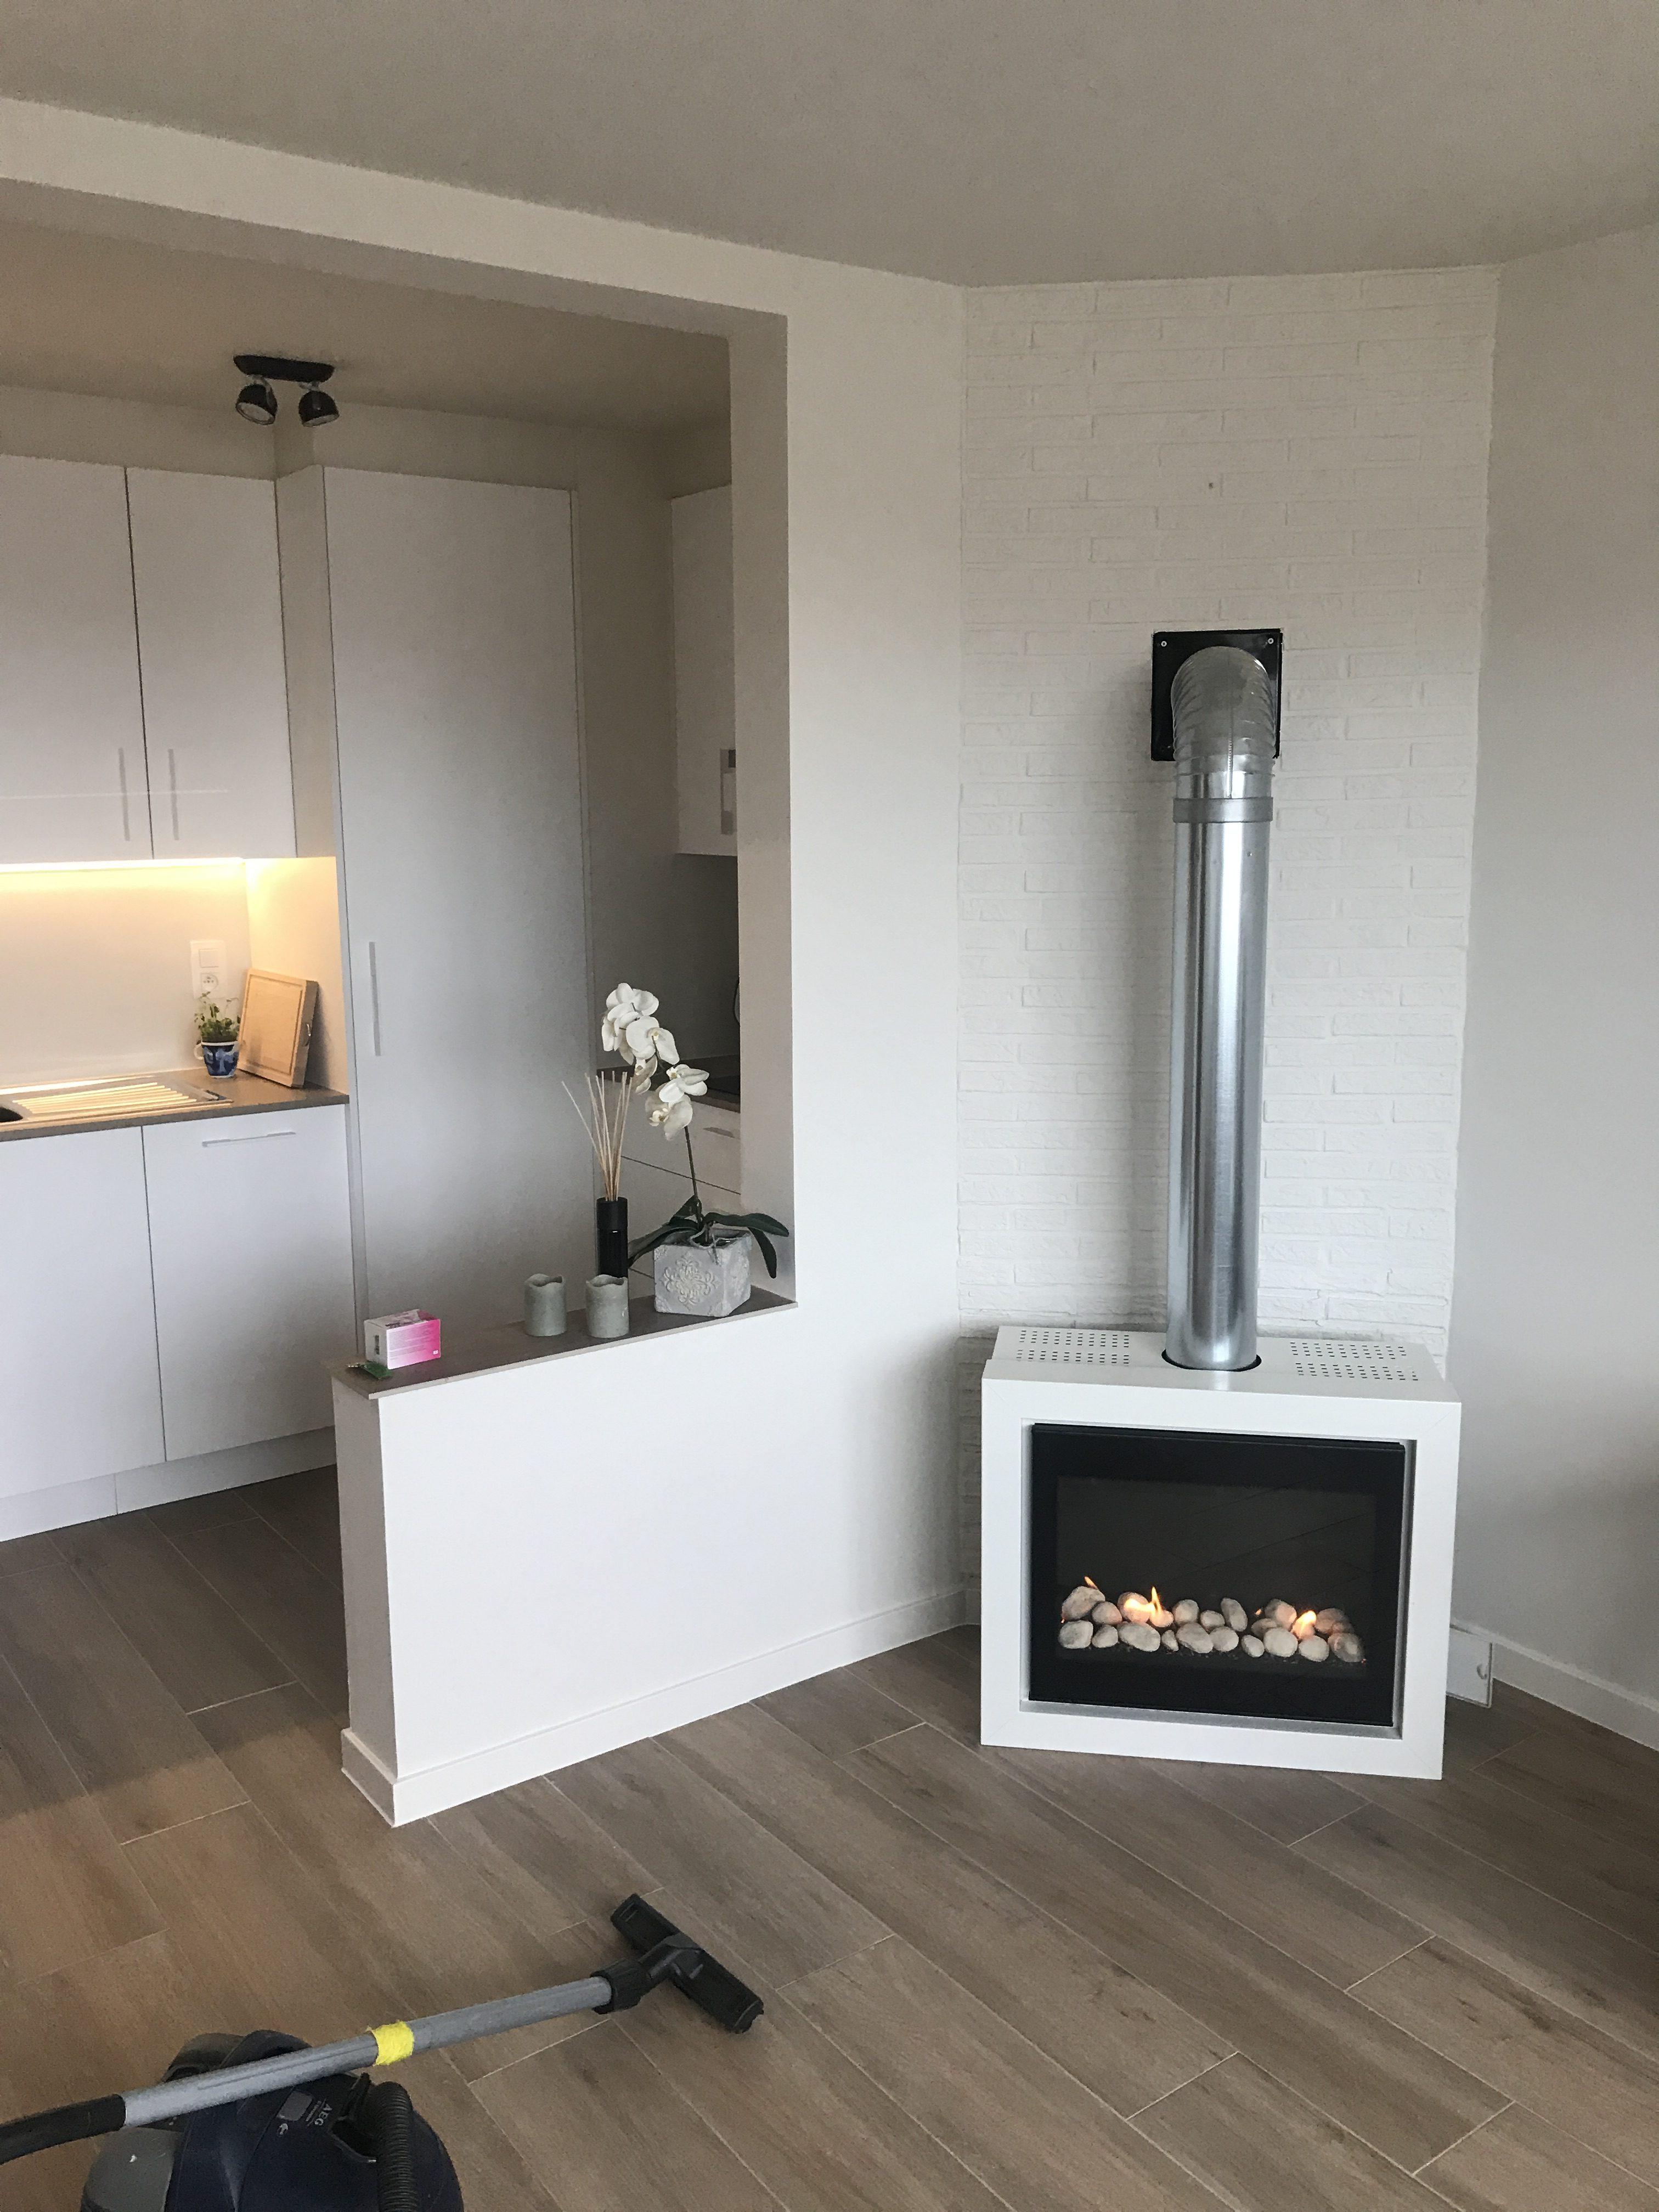 Appartement te huur – Parnassiaweg 2 bus 302, Nieuwpoort